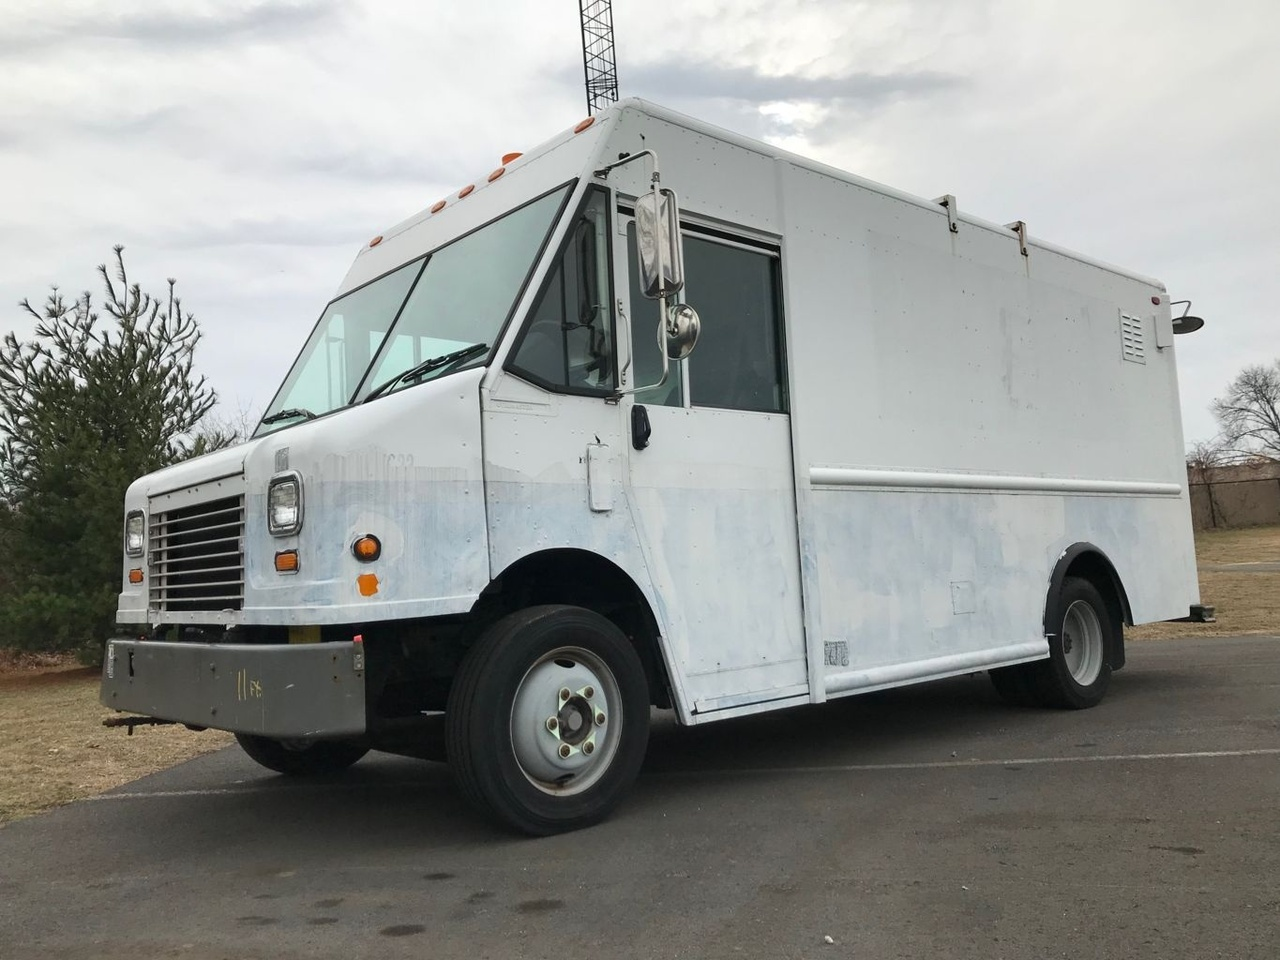 2006 Freightliner MT45 4x2 Van:Delivery/Passgr - Custom Truck One Source